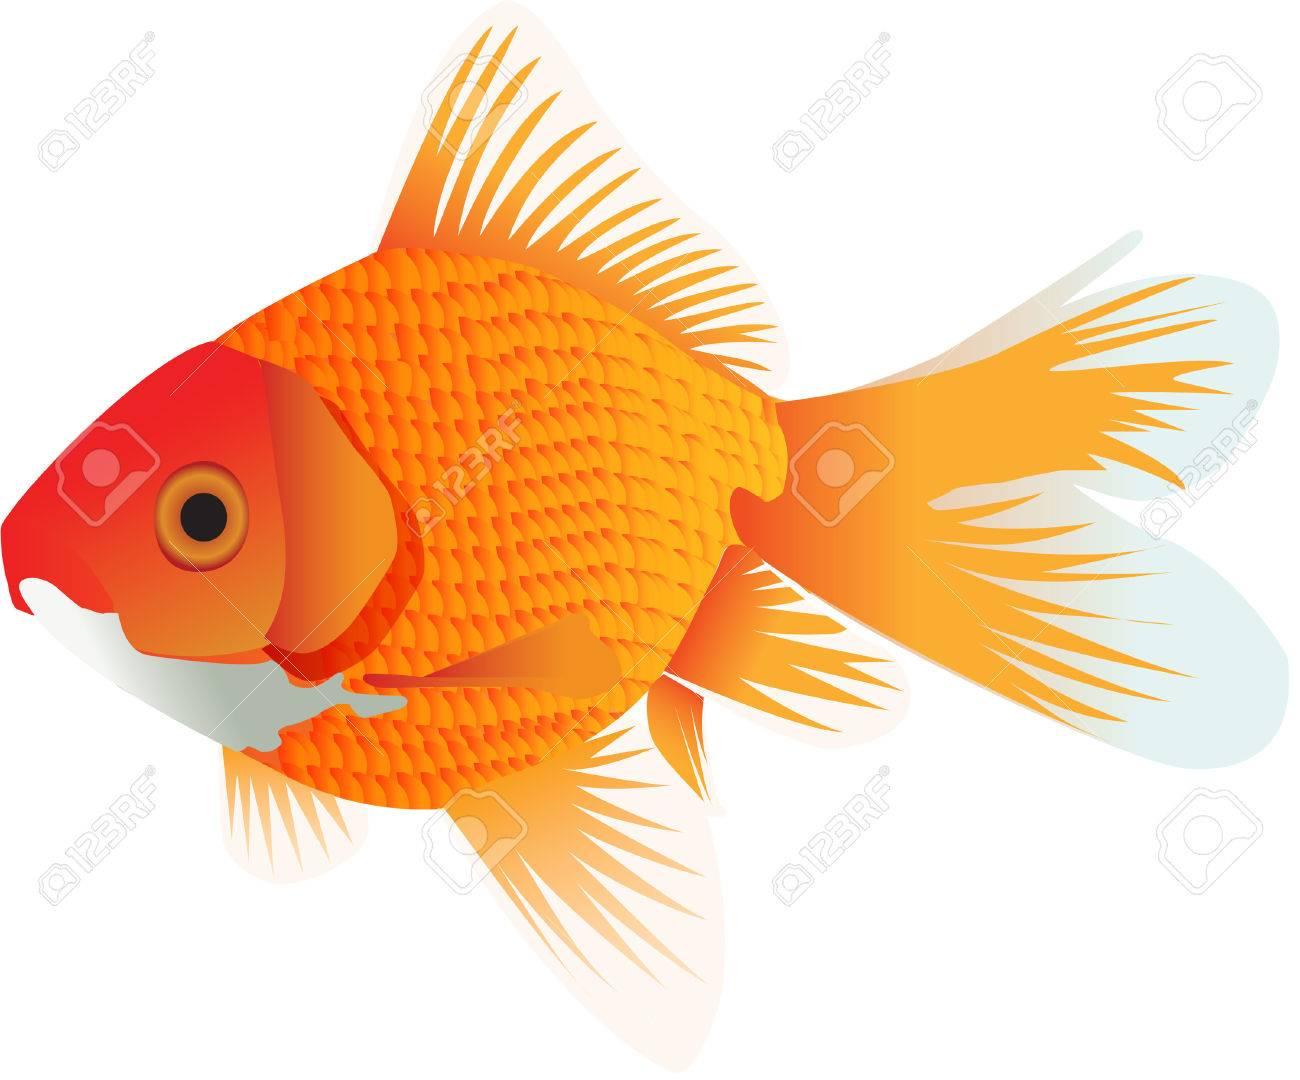 金魚イラストのイラスト素材ベクタ Image 76349190